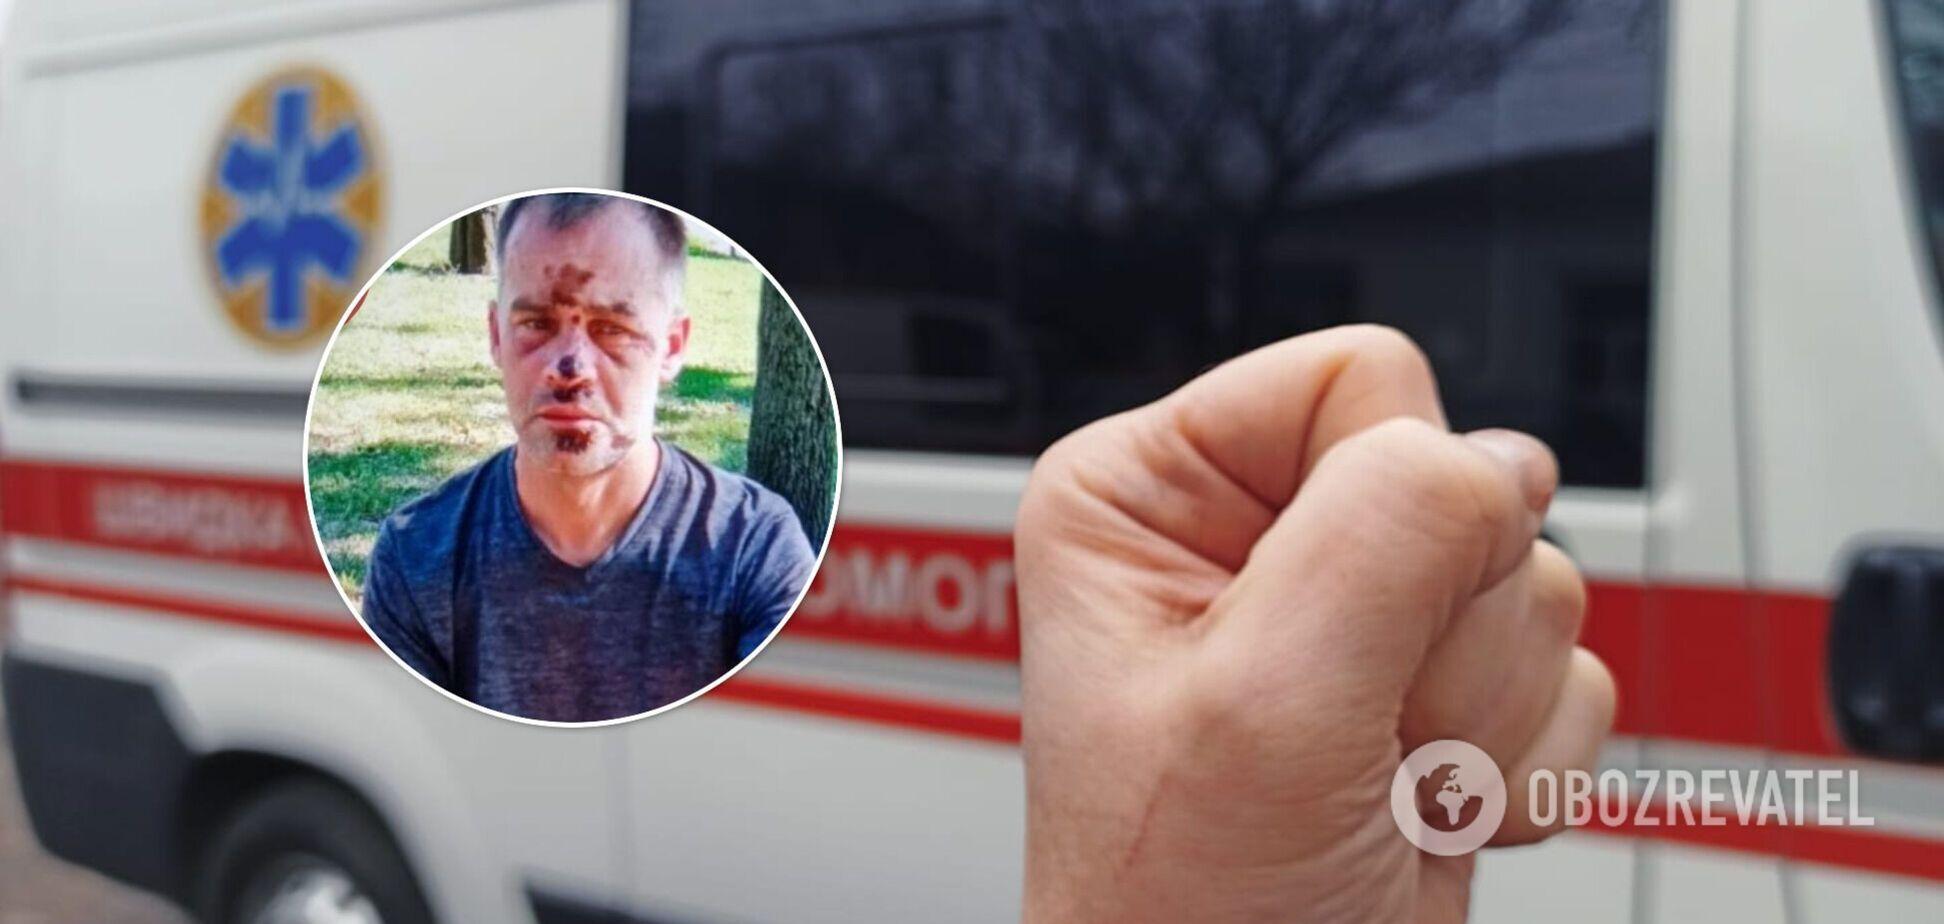 В Киеве неадекватный мужчина набросился на медиков с кинжалом и разбил скорую. Фото